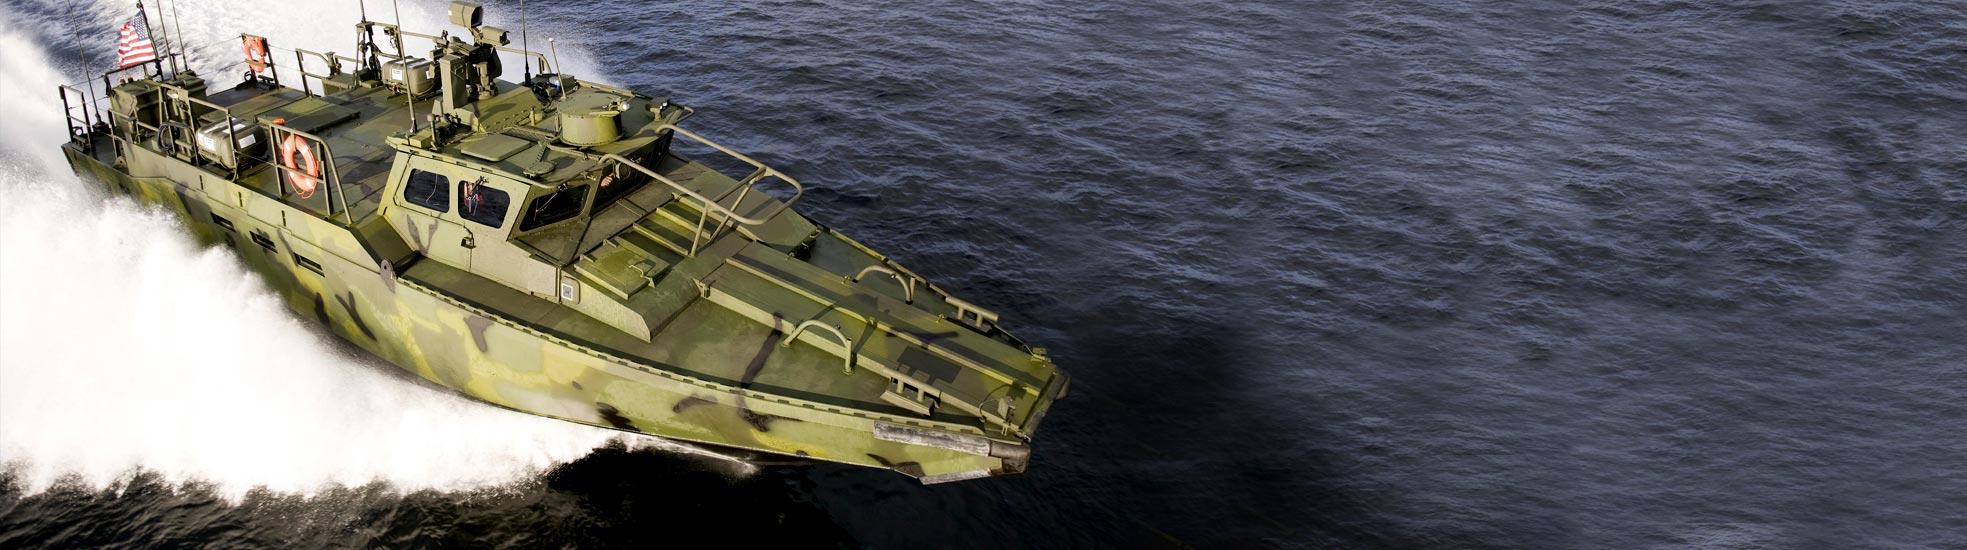 Index Westerbeke Diesel Engine Diagram Marine Engines Parts Fuel Military